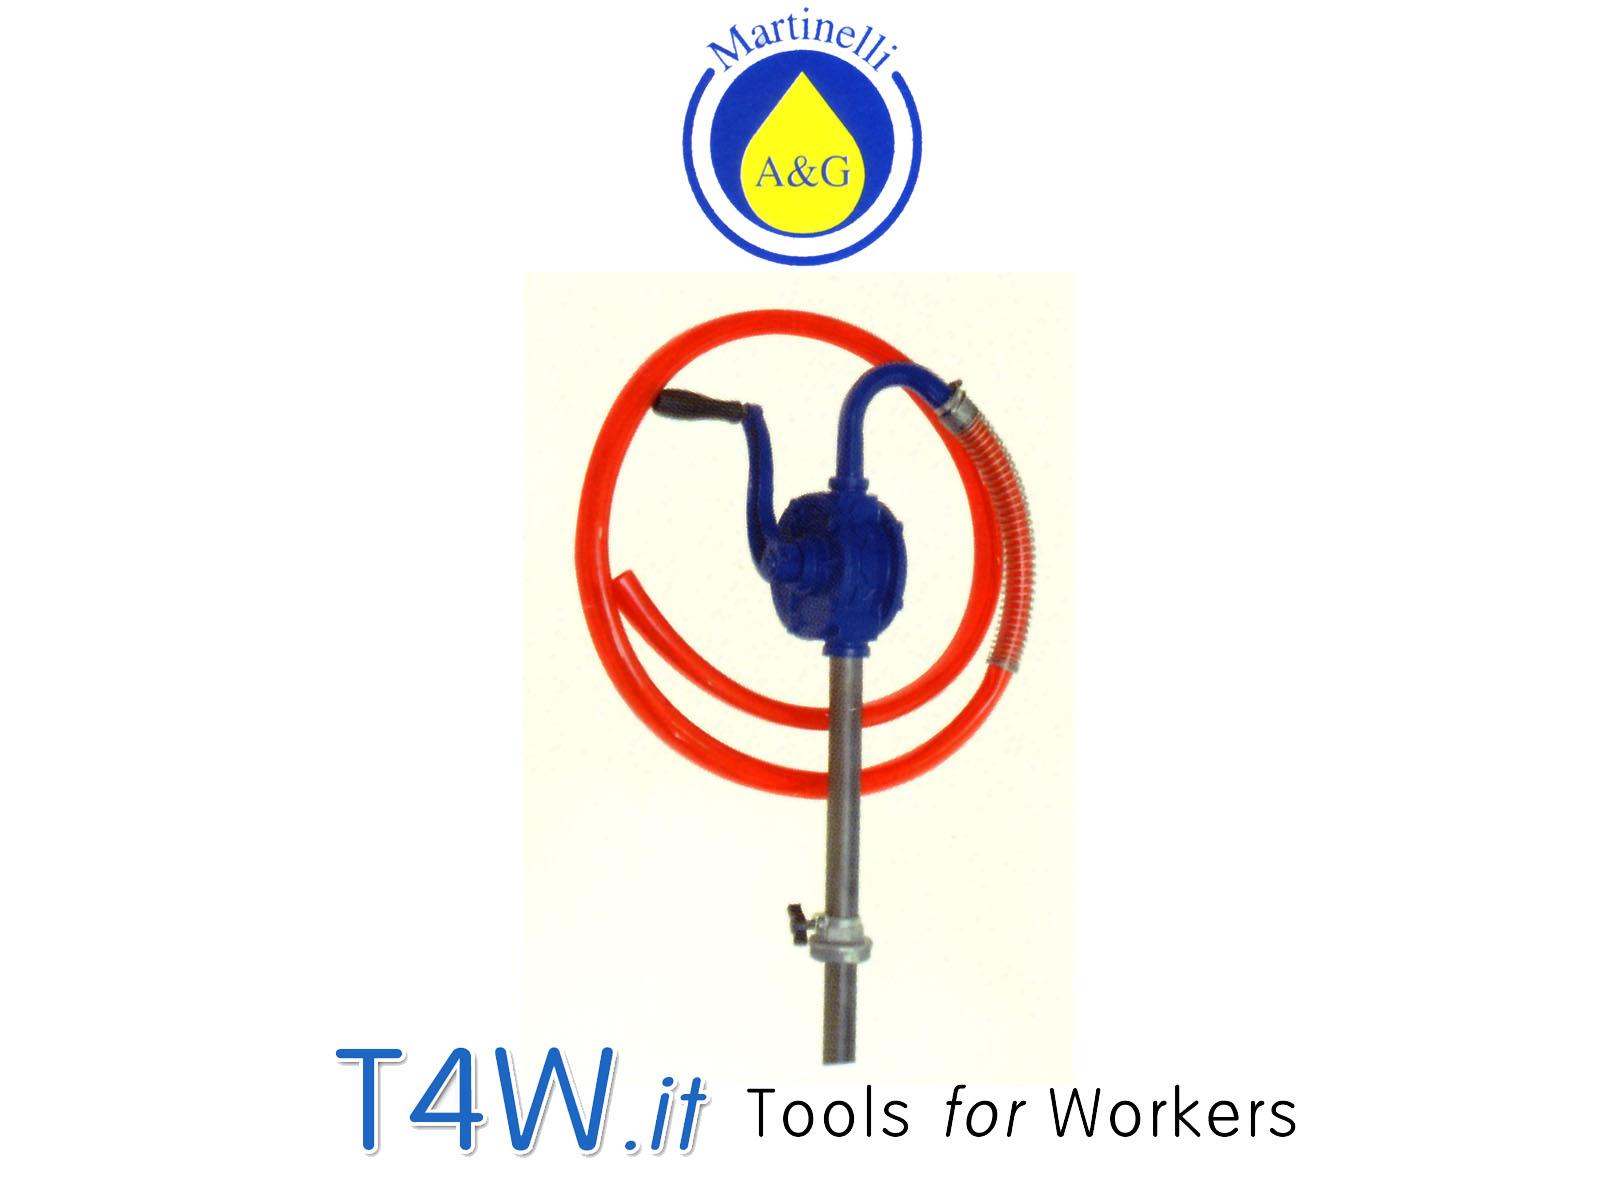 Pompa travaso olio - gasolio rotativa Art. 689 Martinelli -